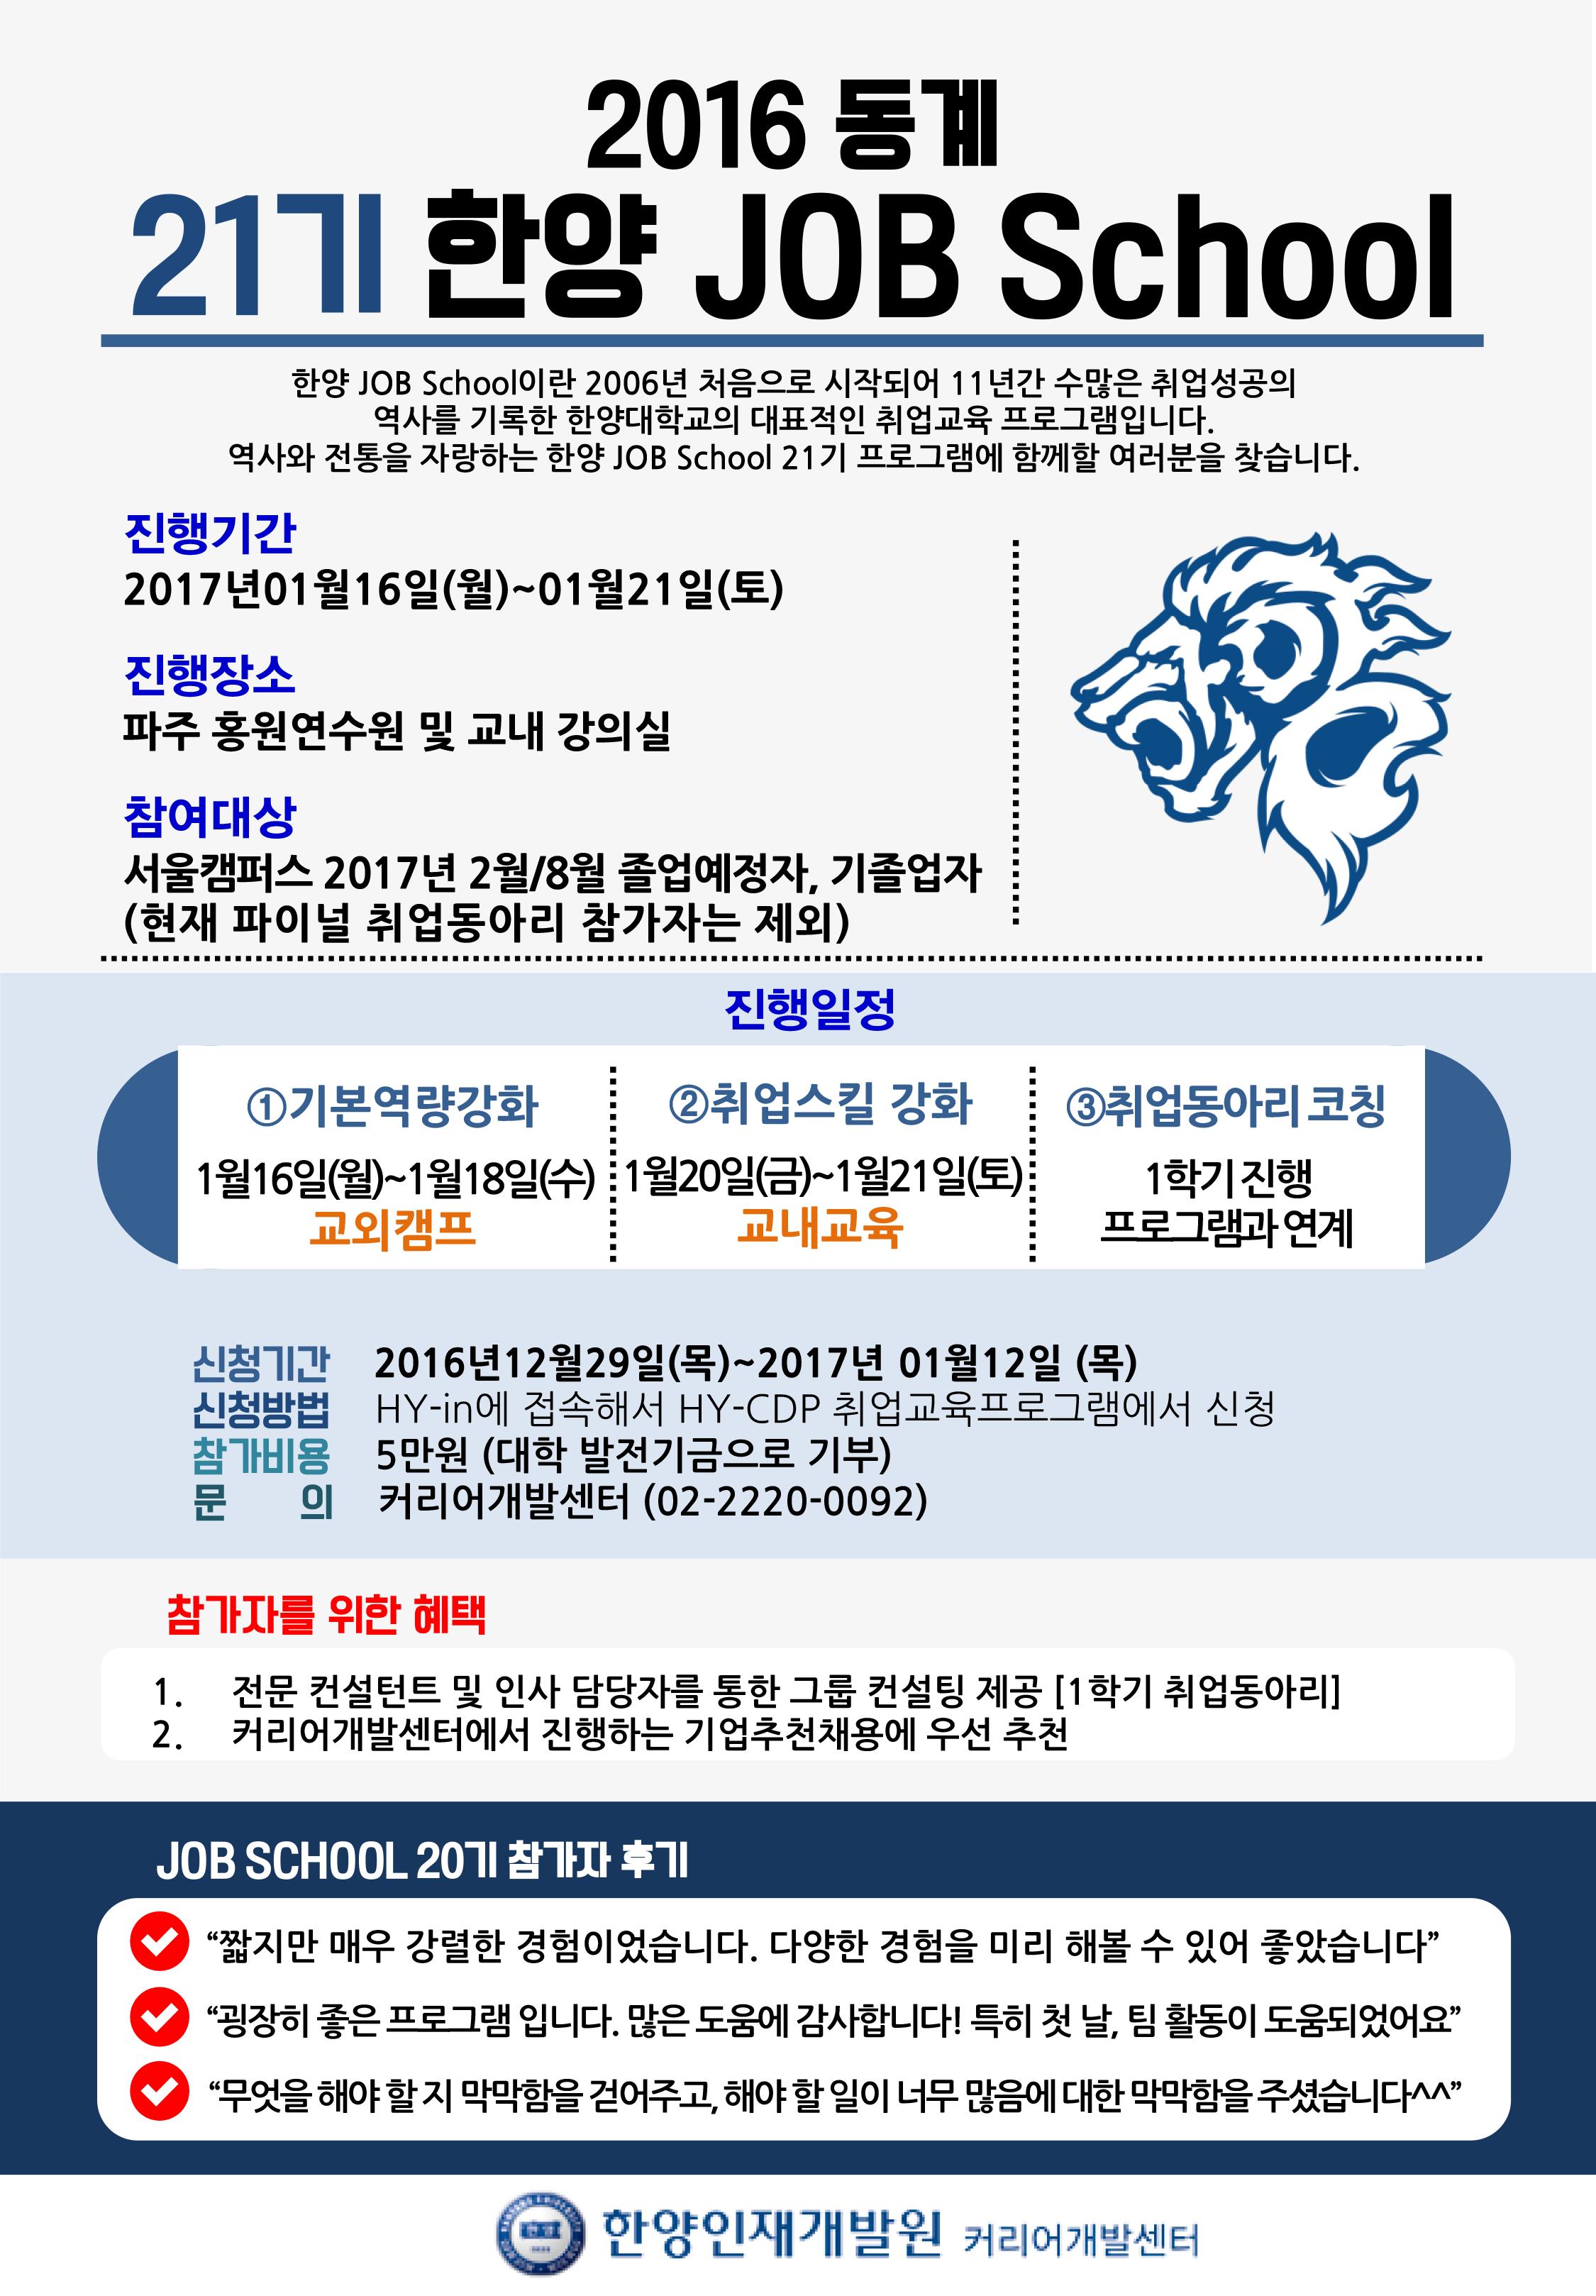 [커리어개발센터 취업역량 강화 프로그램] 21기 동계 잡스쿨 모집